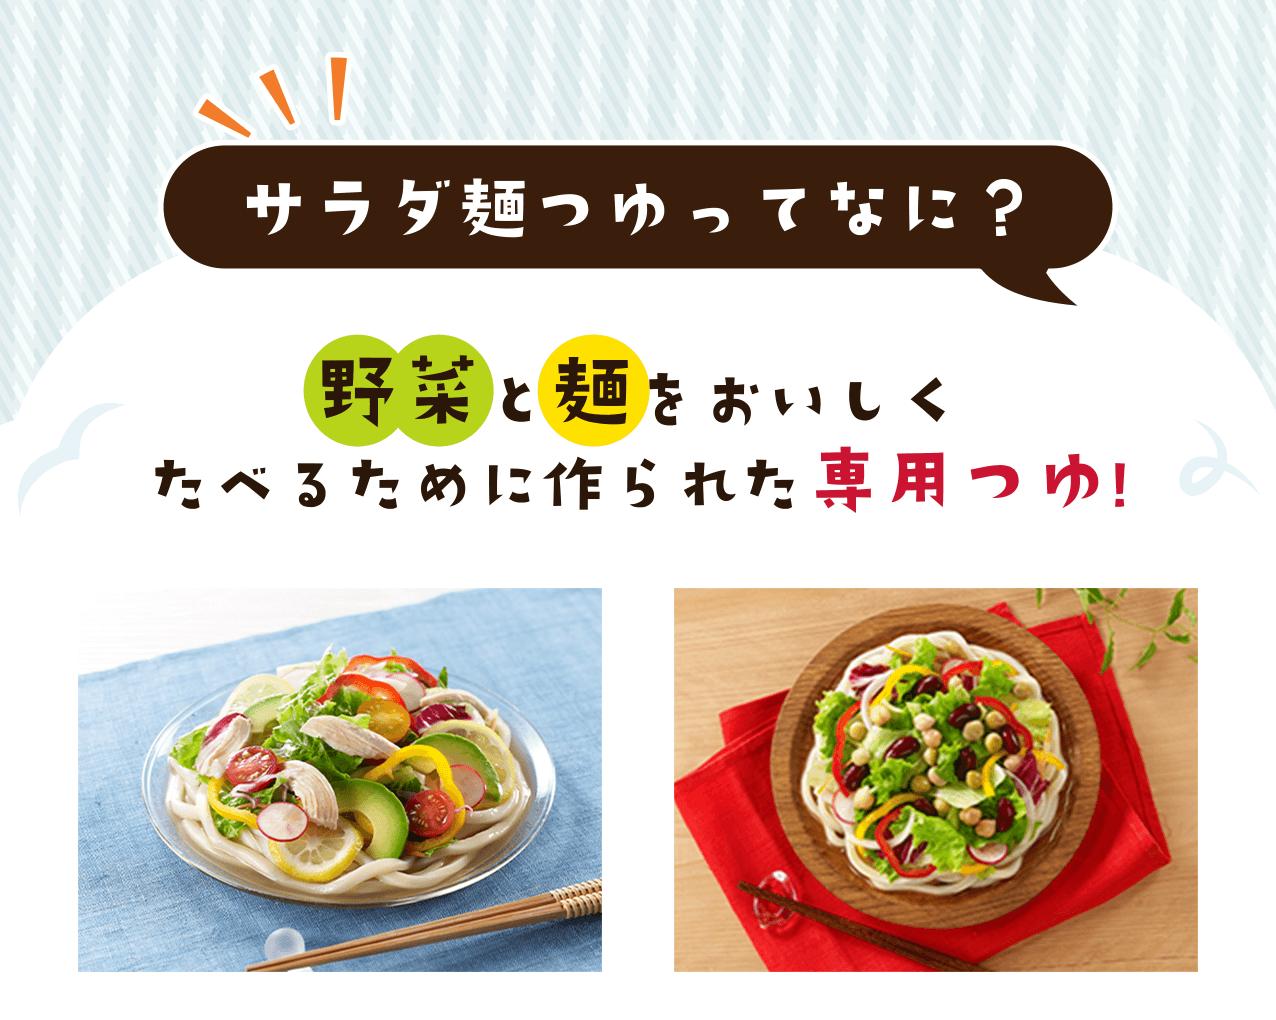 サラダ麺つゆってなに? 野菜と麺をおいしくたべるために作られた専用つゆ!